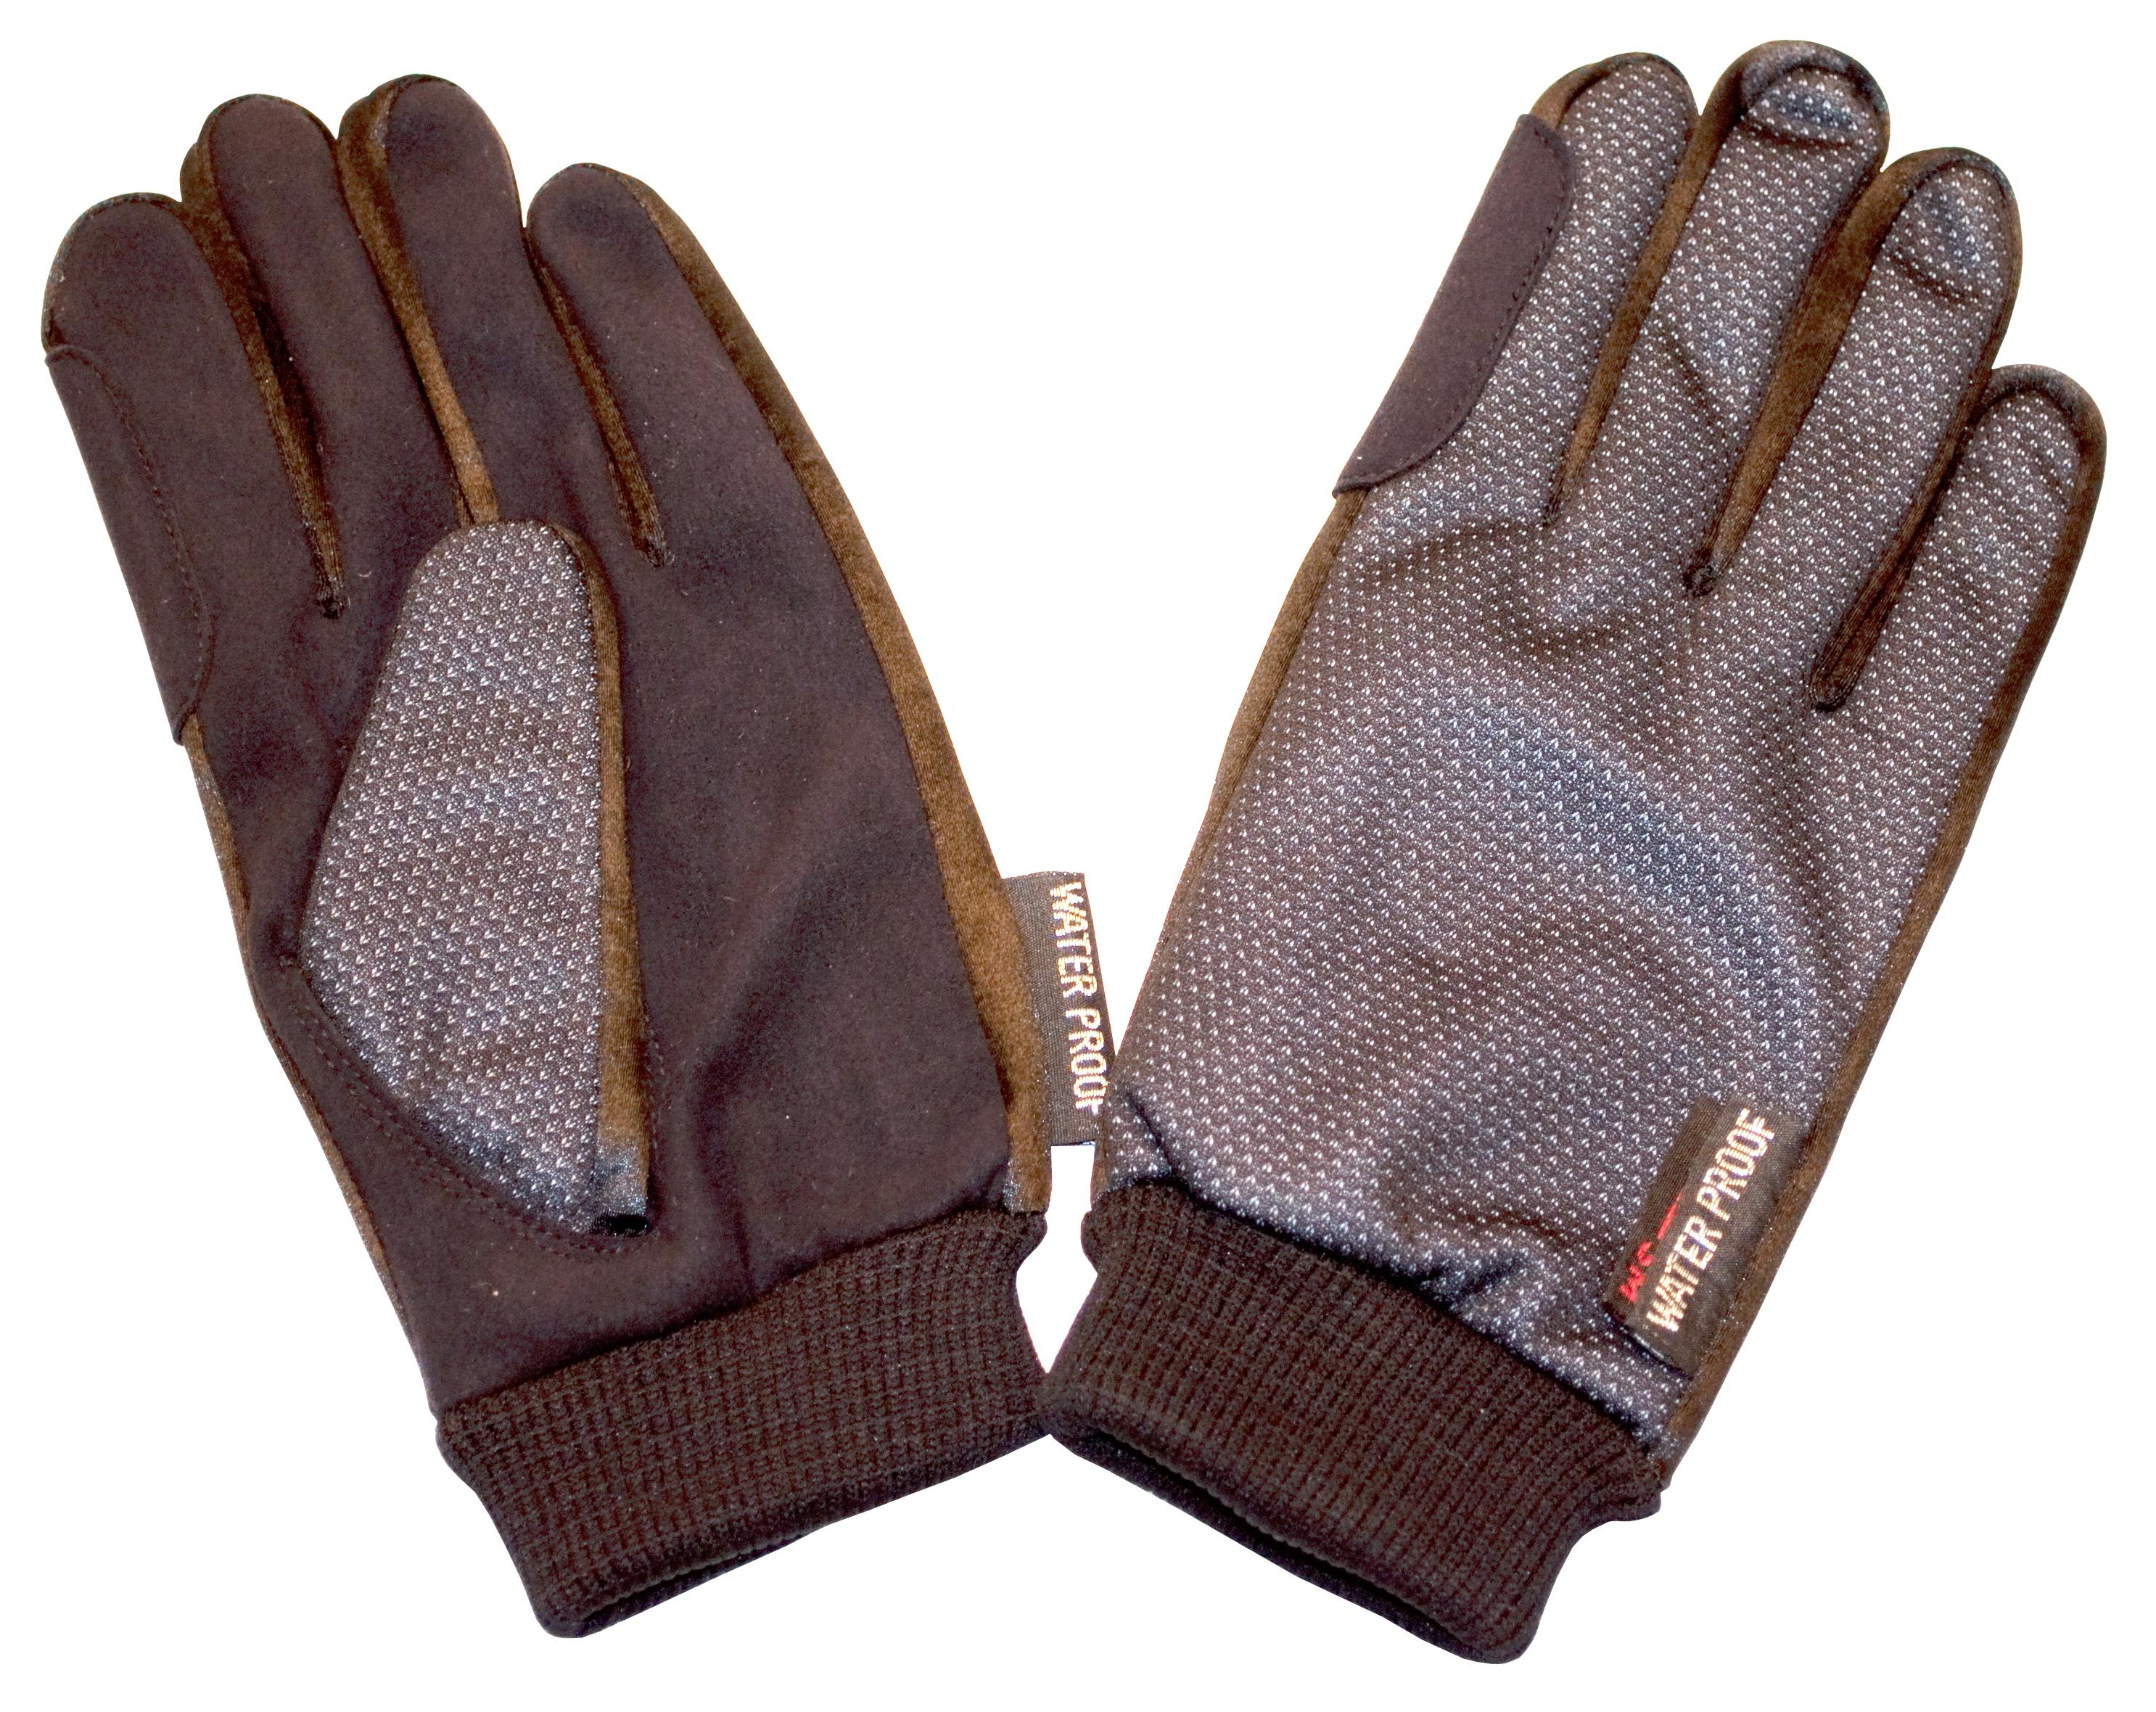 Imperial Riding Gevoerde handschoenen met boord